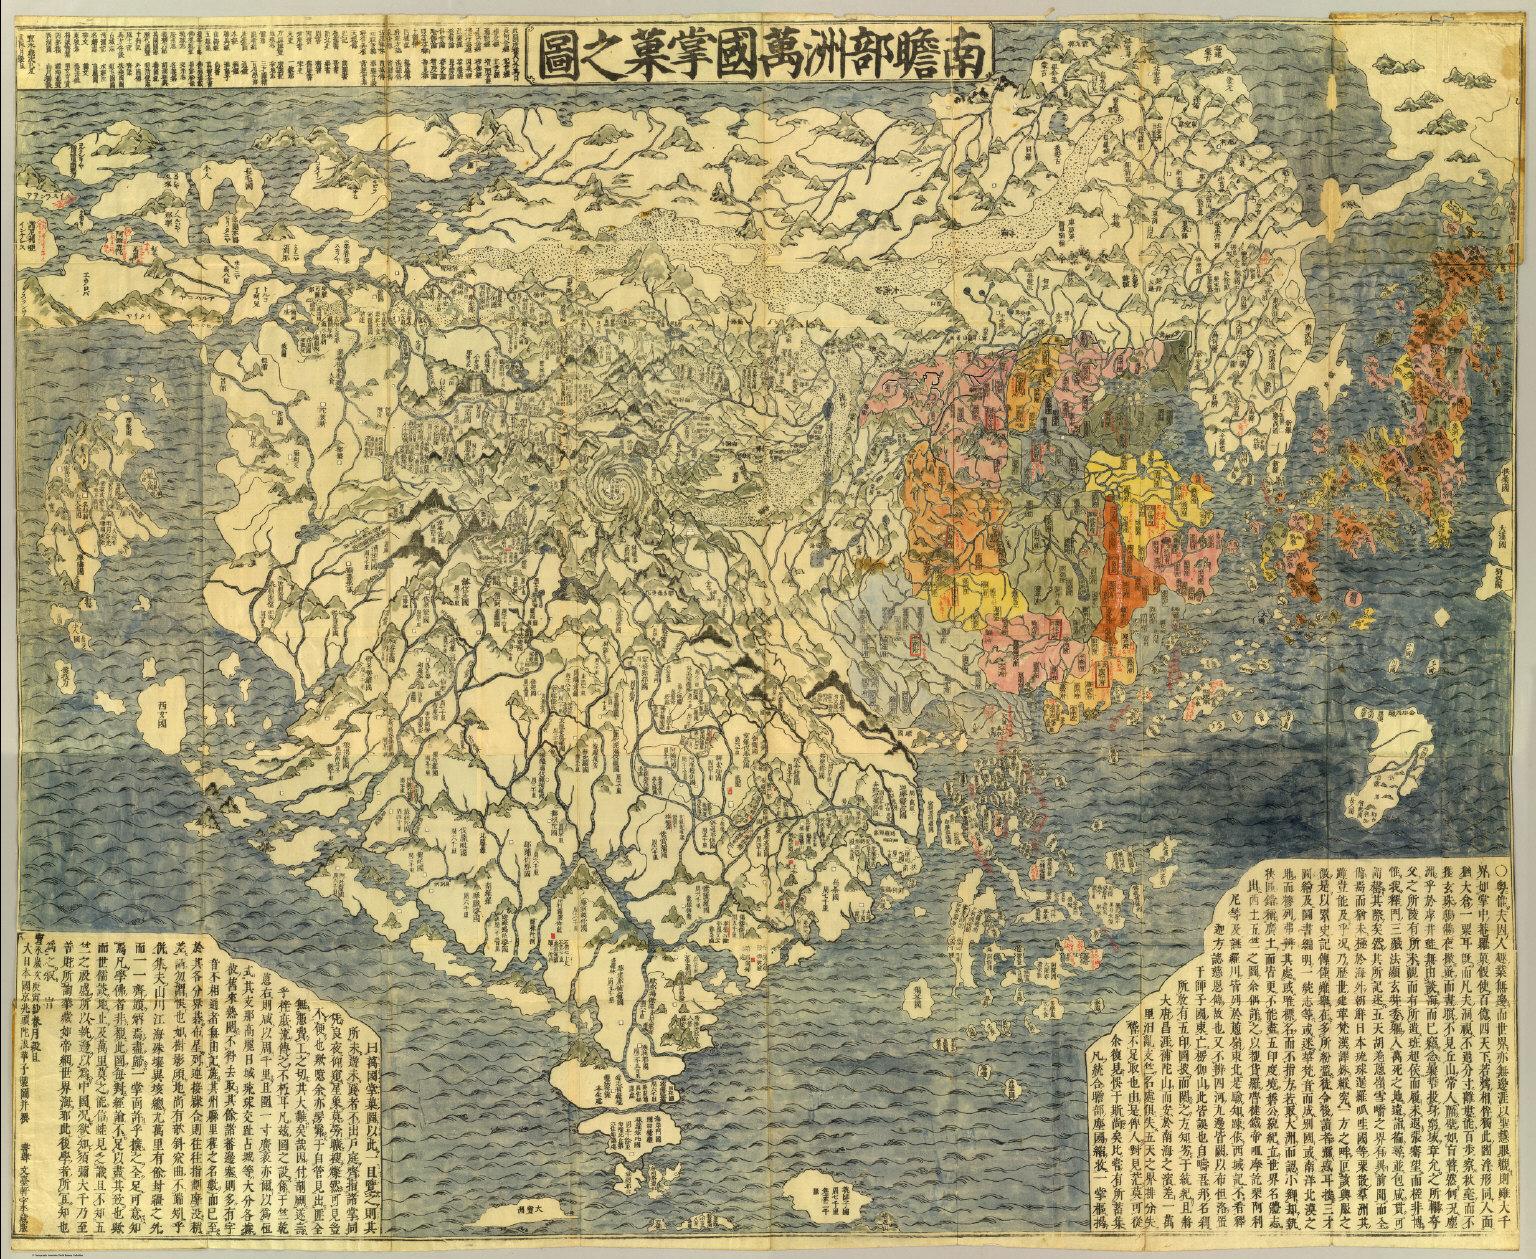 Nanzenbushu bankoku shoka no zu david rumsey historical map nanzenbushu bankoku shoka no zu gumiabroncs Images